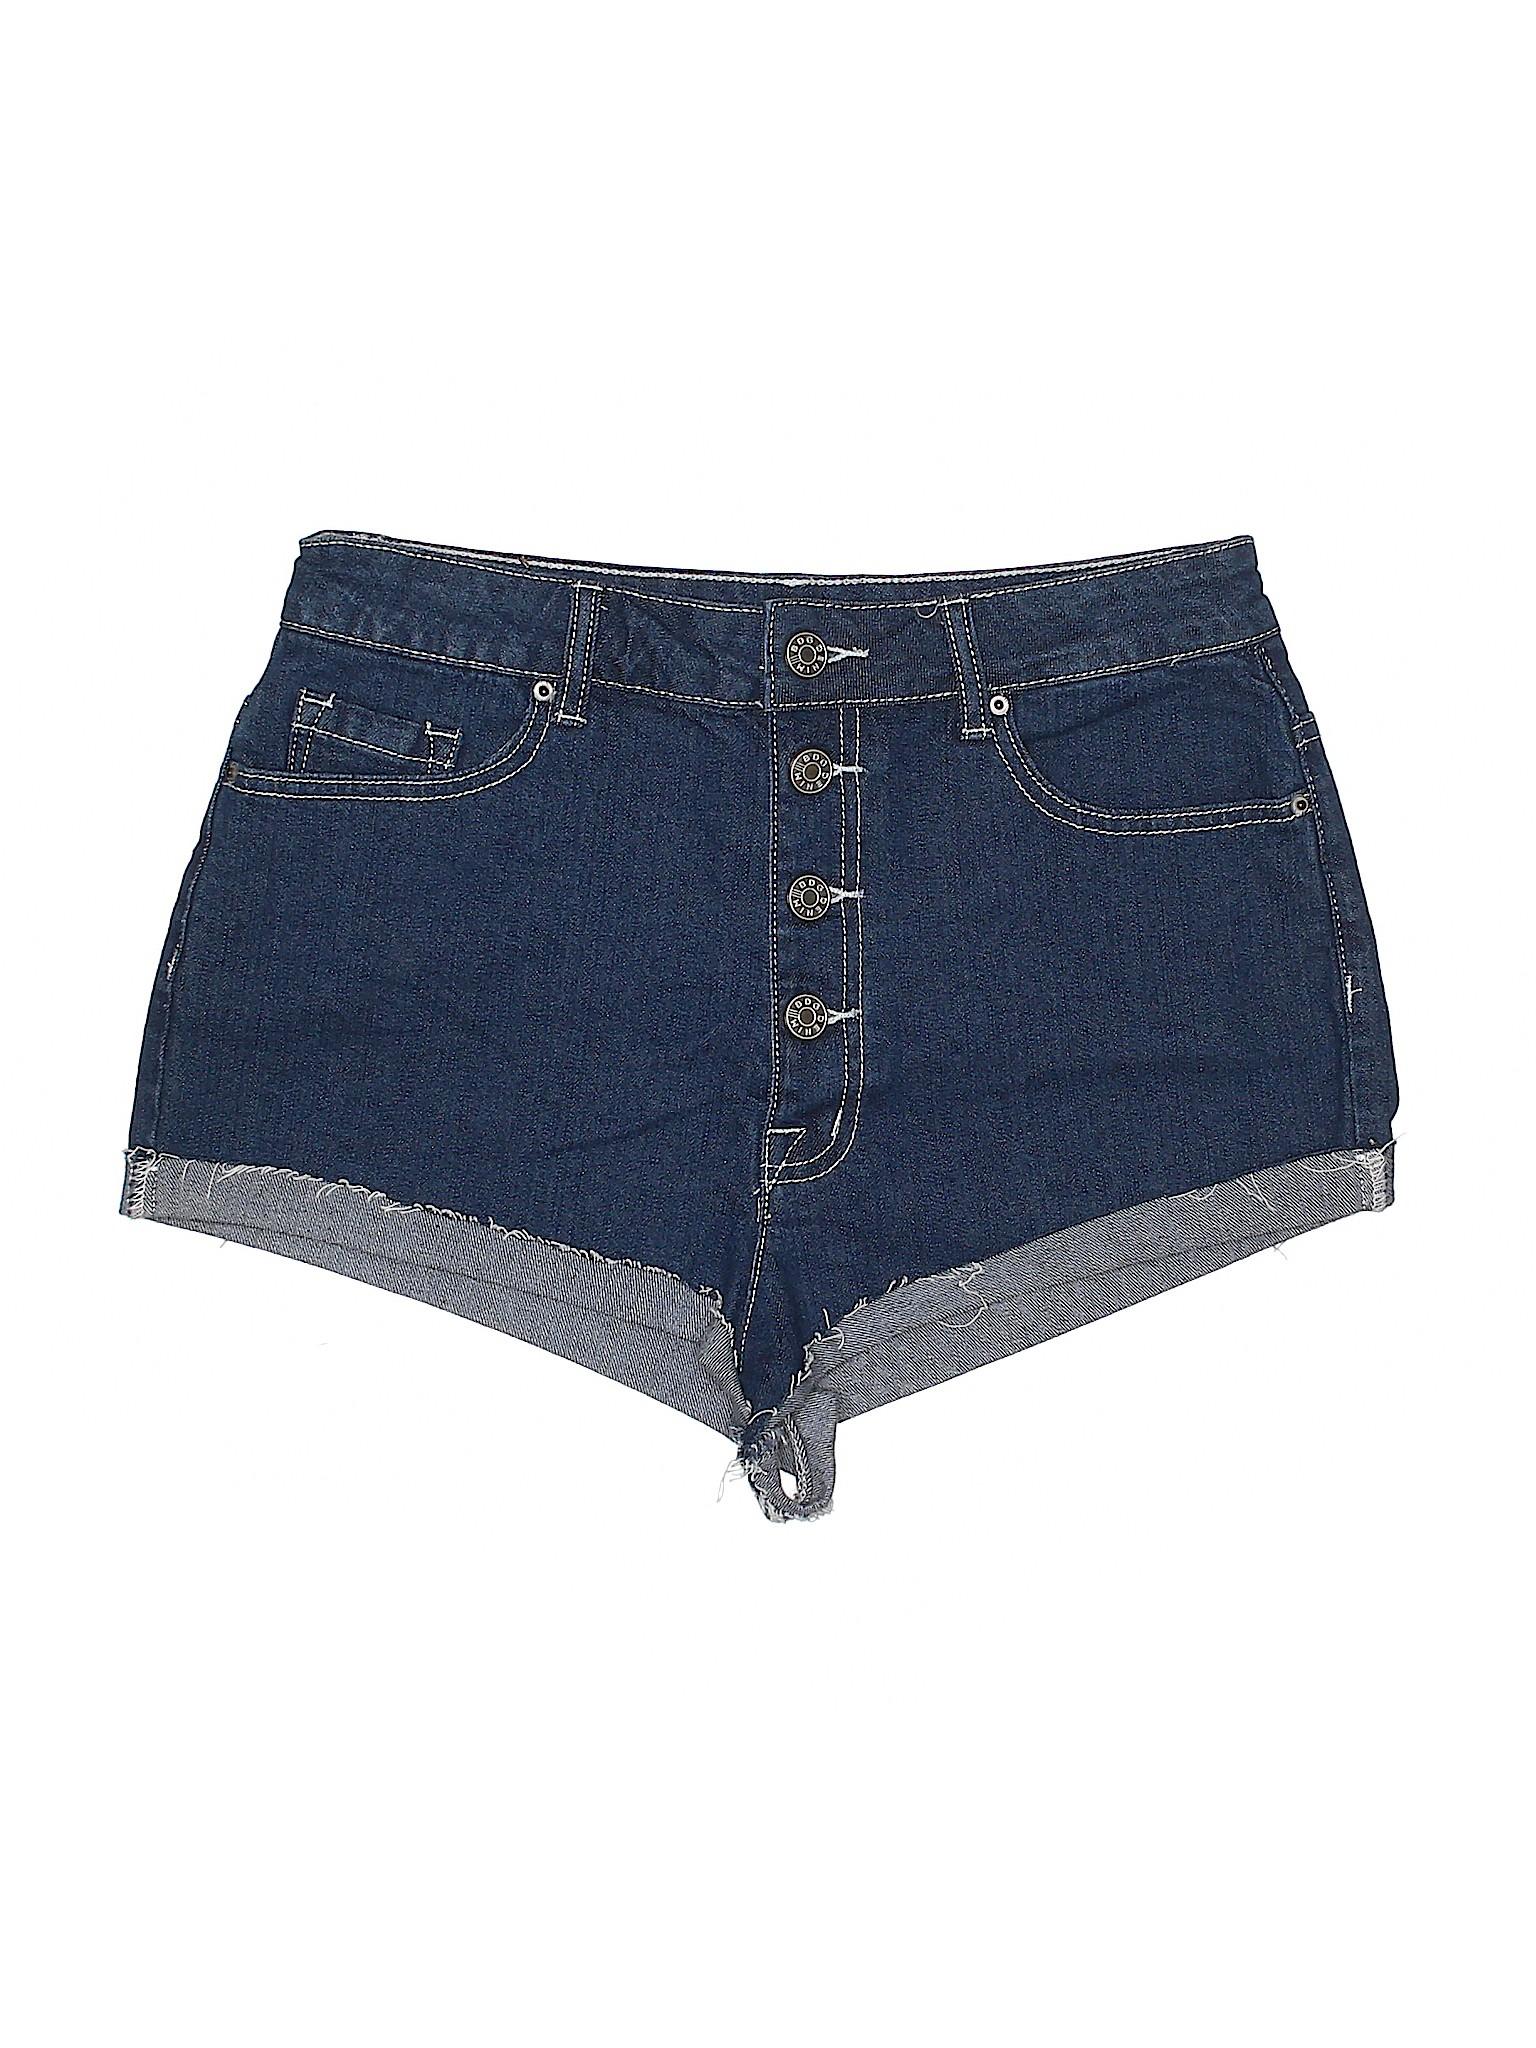 Denim winter BDG Boutique Shorts Boutique Denim Boutique winter BDG winter Shorts 4x45r